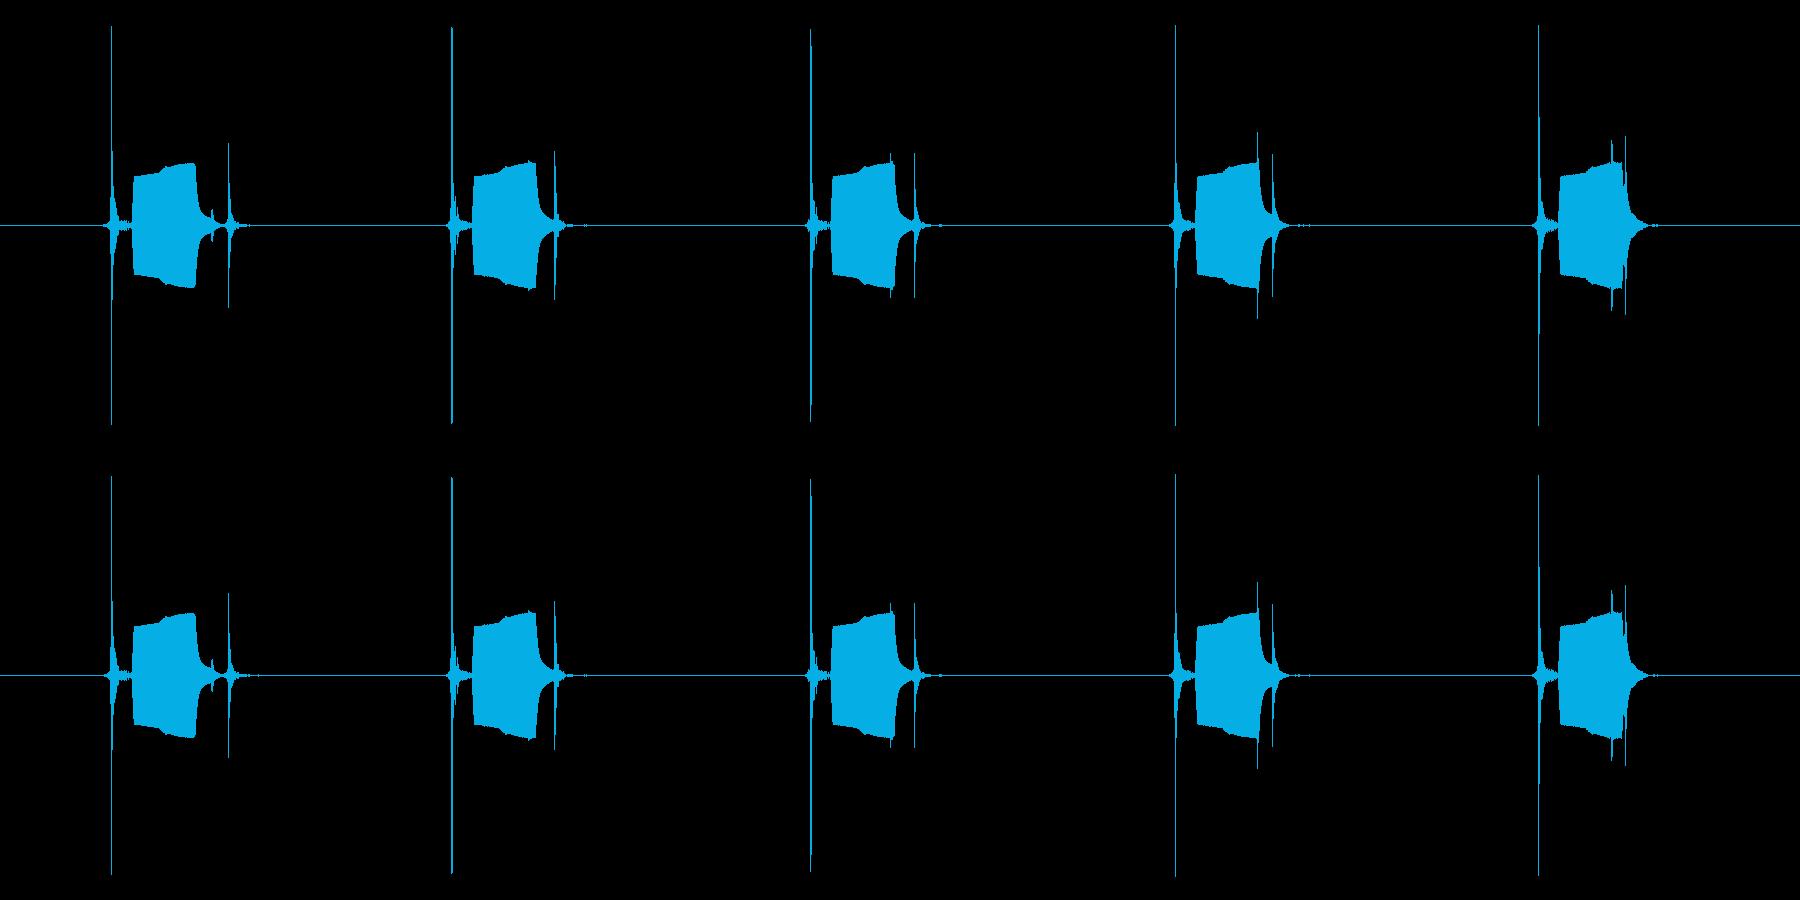 携帯電話 ハードウェア02-03(ボタンの再生済みの波形